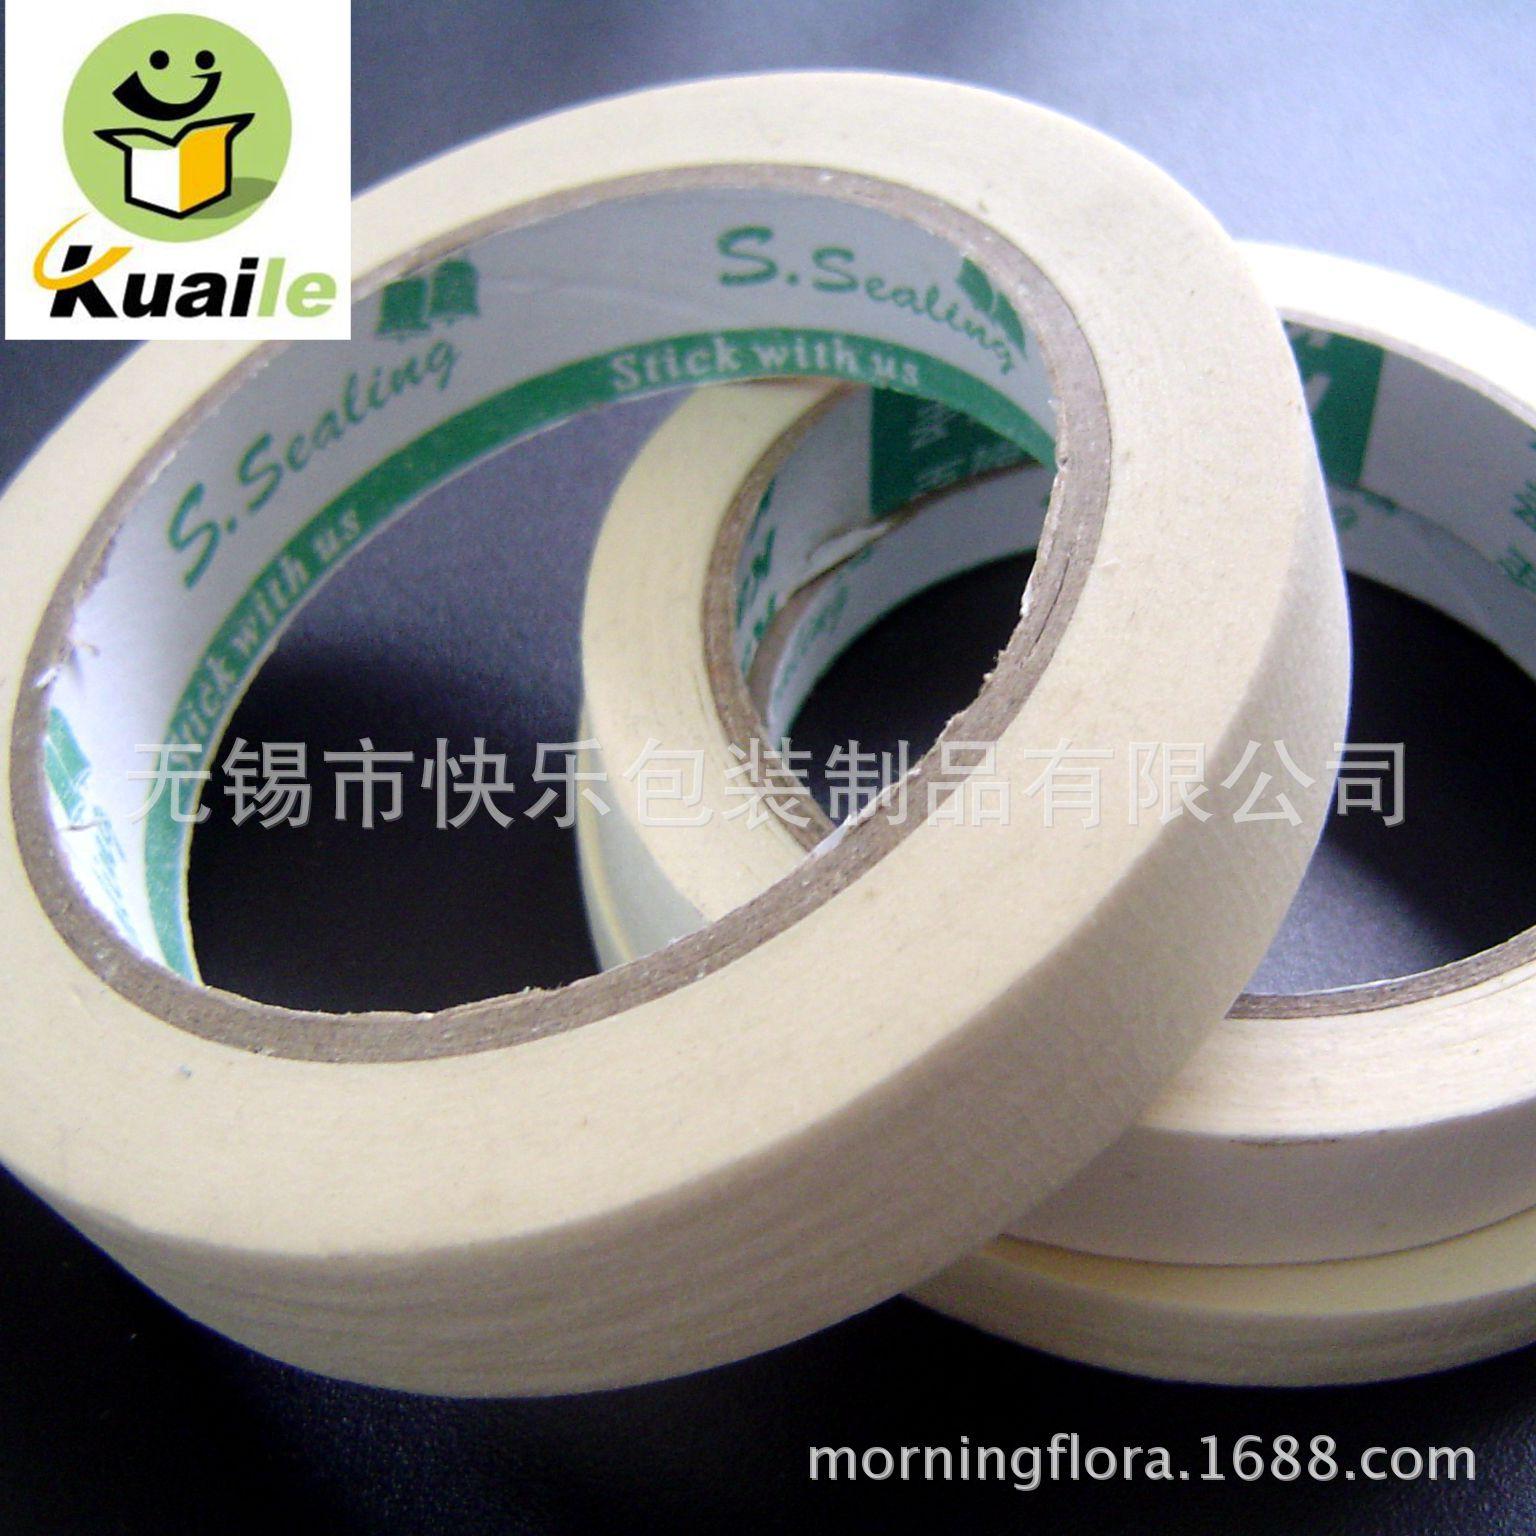 厂家销售美纹纸胶带 装修用胶带 喷漆用美纹胶带